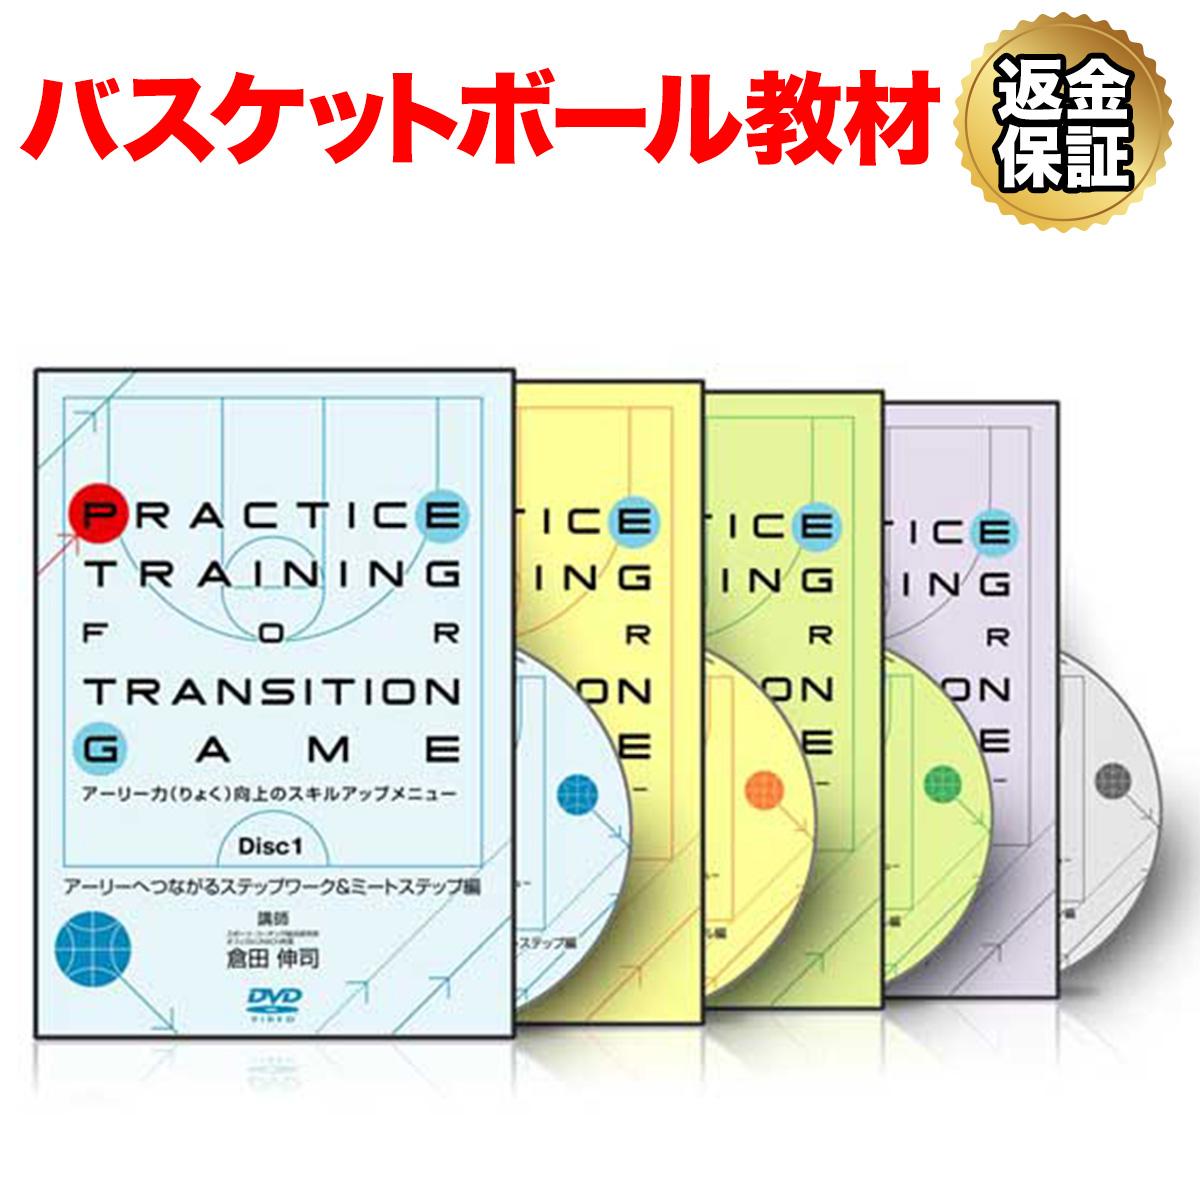 【バスケットボール】Practice Training For TransitionGame フルセット